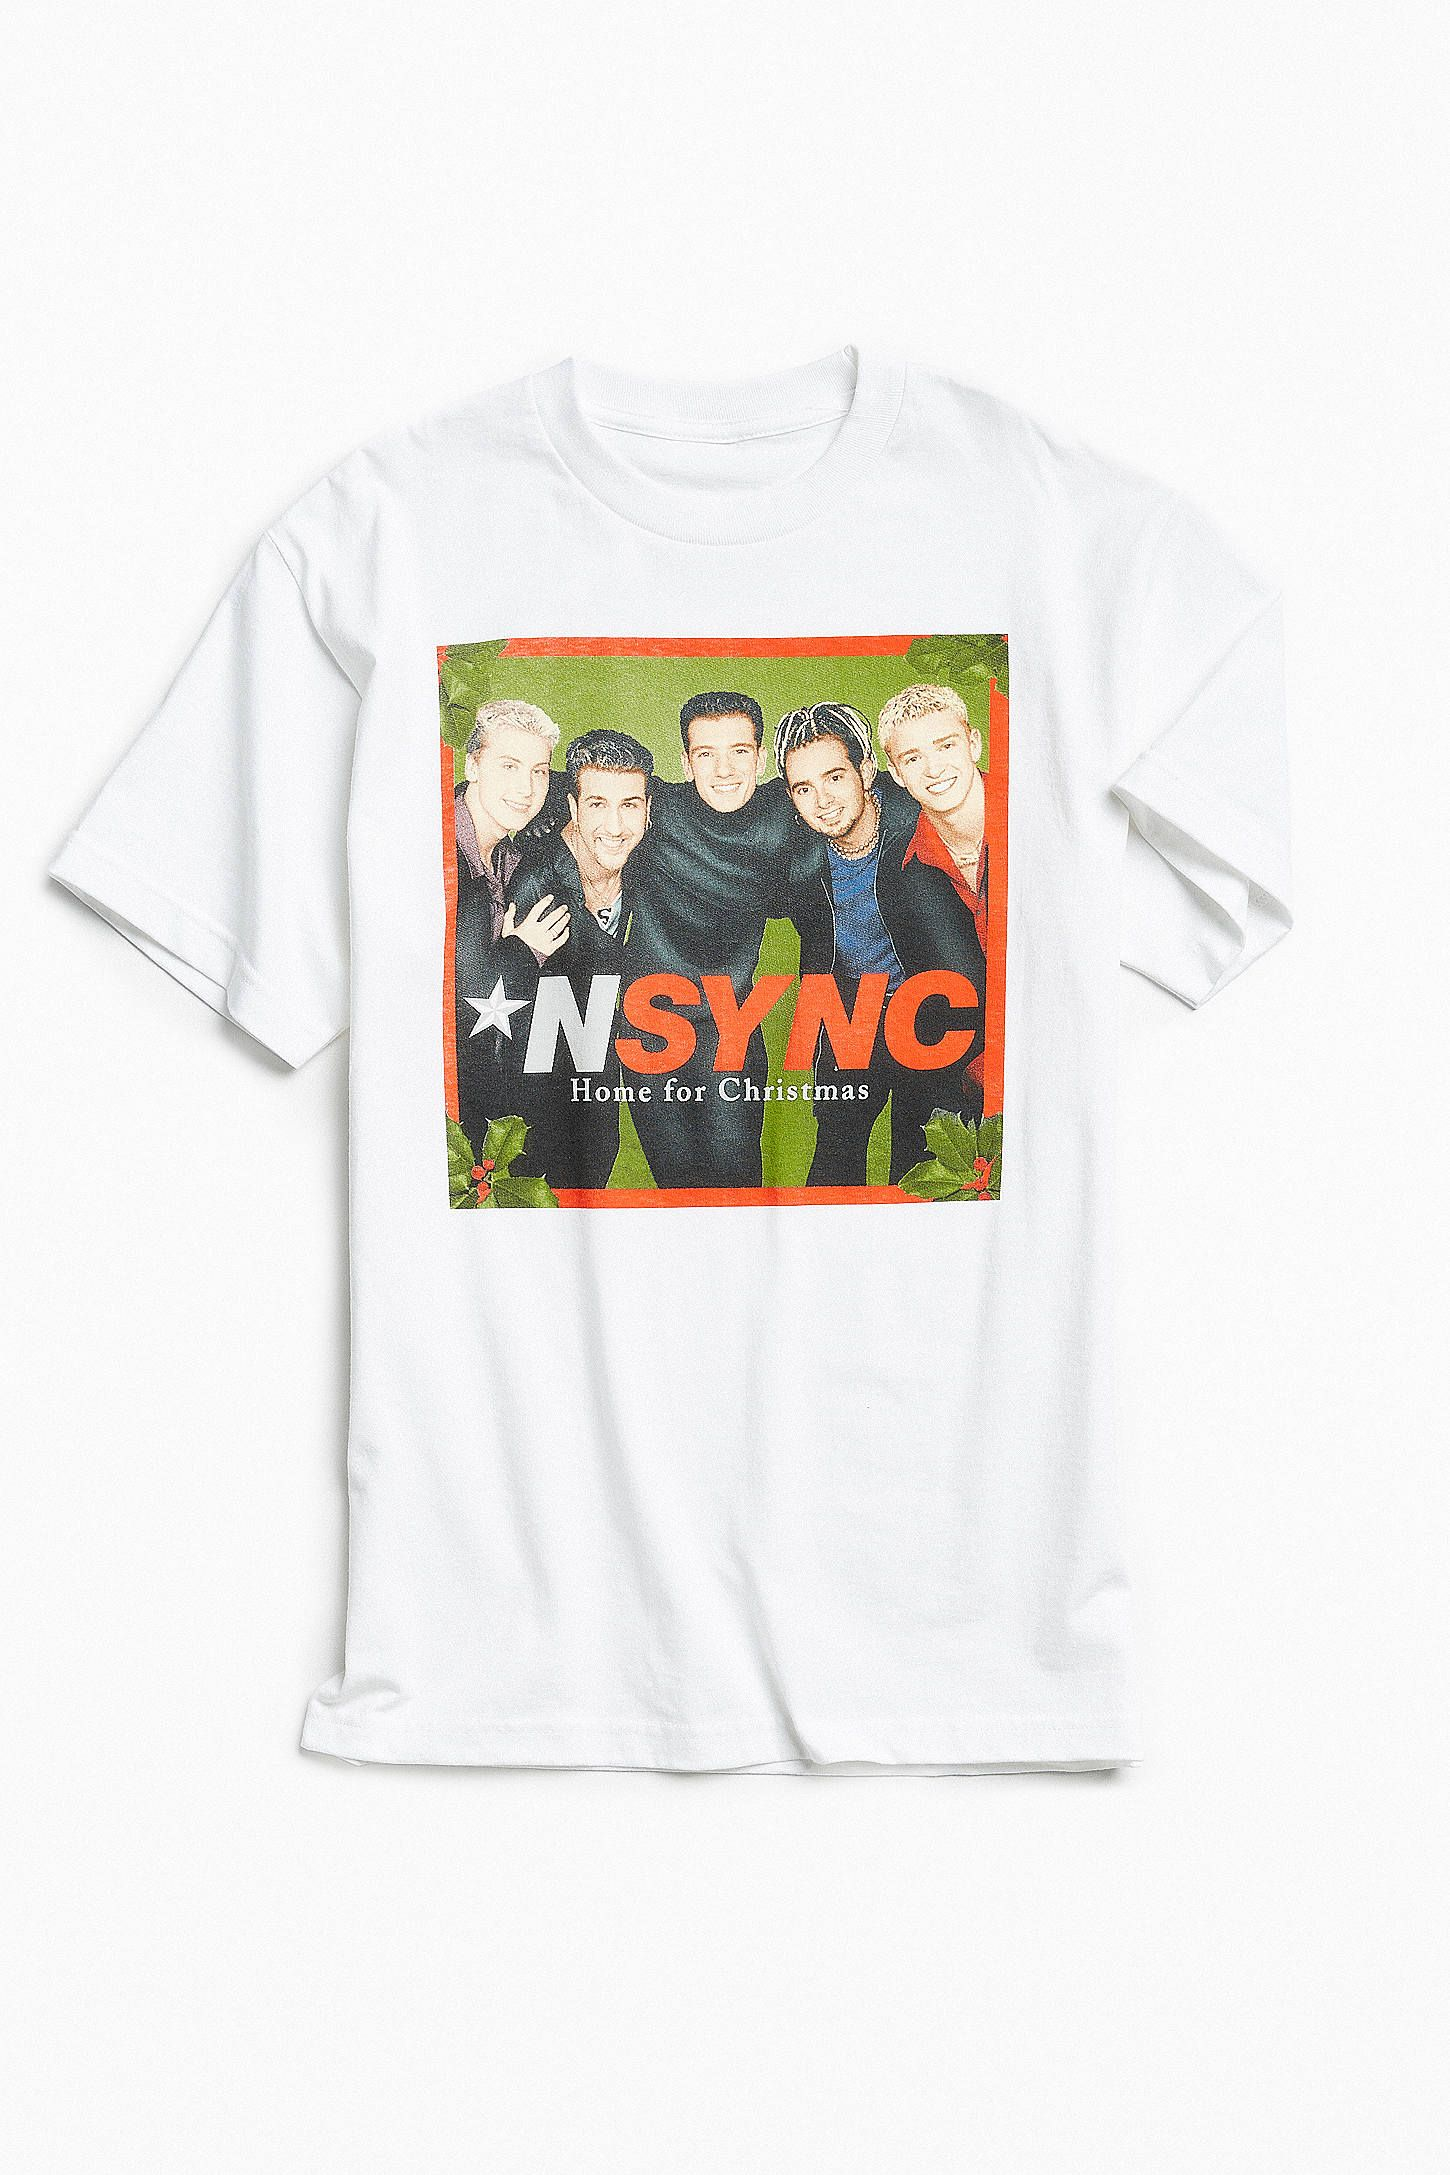 NSYNC Home For Christmas Tee in 2018 | Nsync | Tees, Christmas home ...